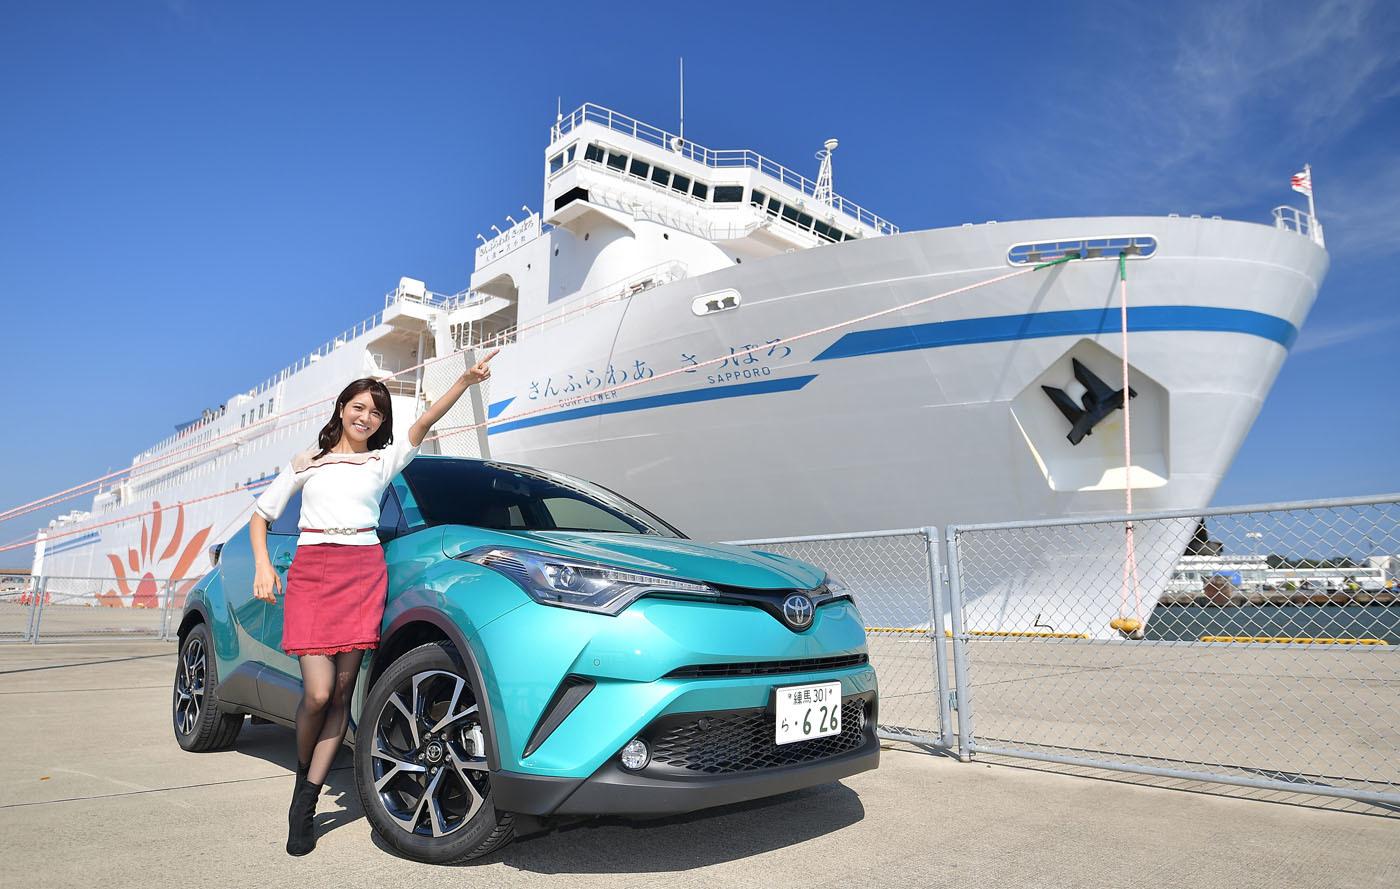 極楽カーフェリーの旅!! 愛車で行く 北海道旅行はクルマ&船がいい!!